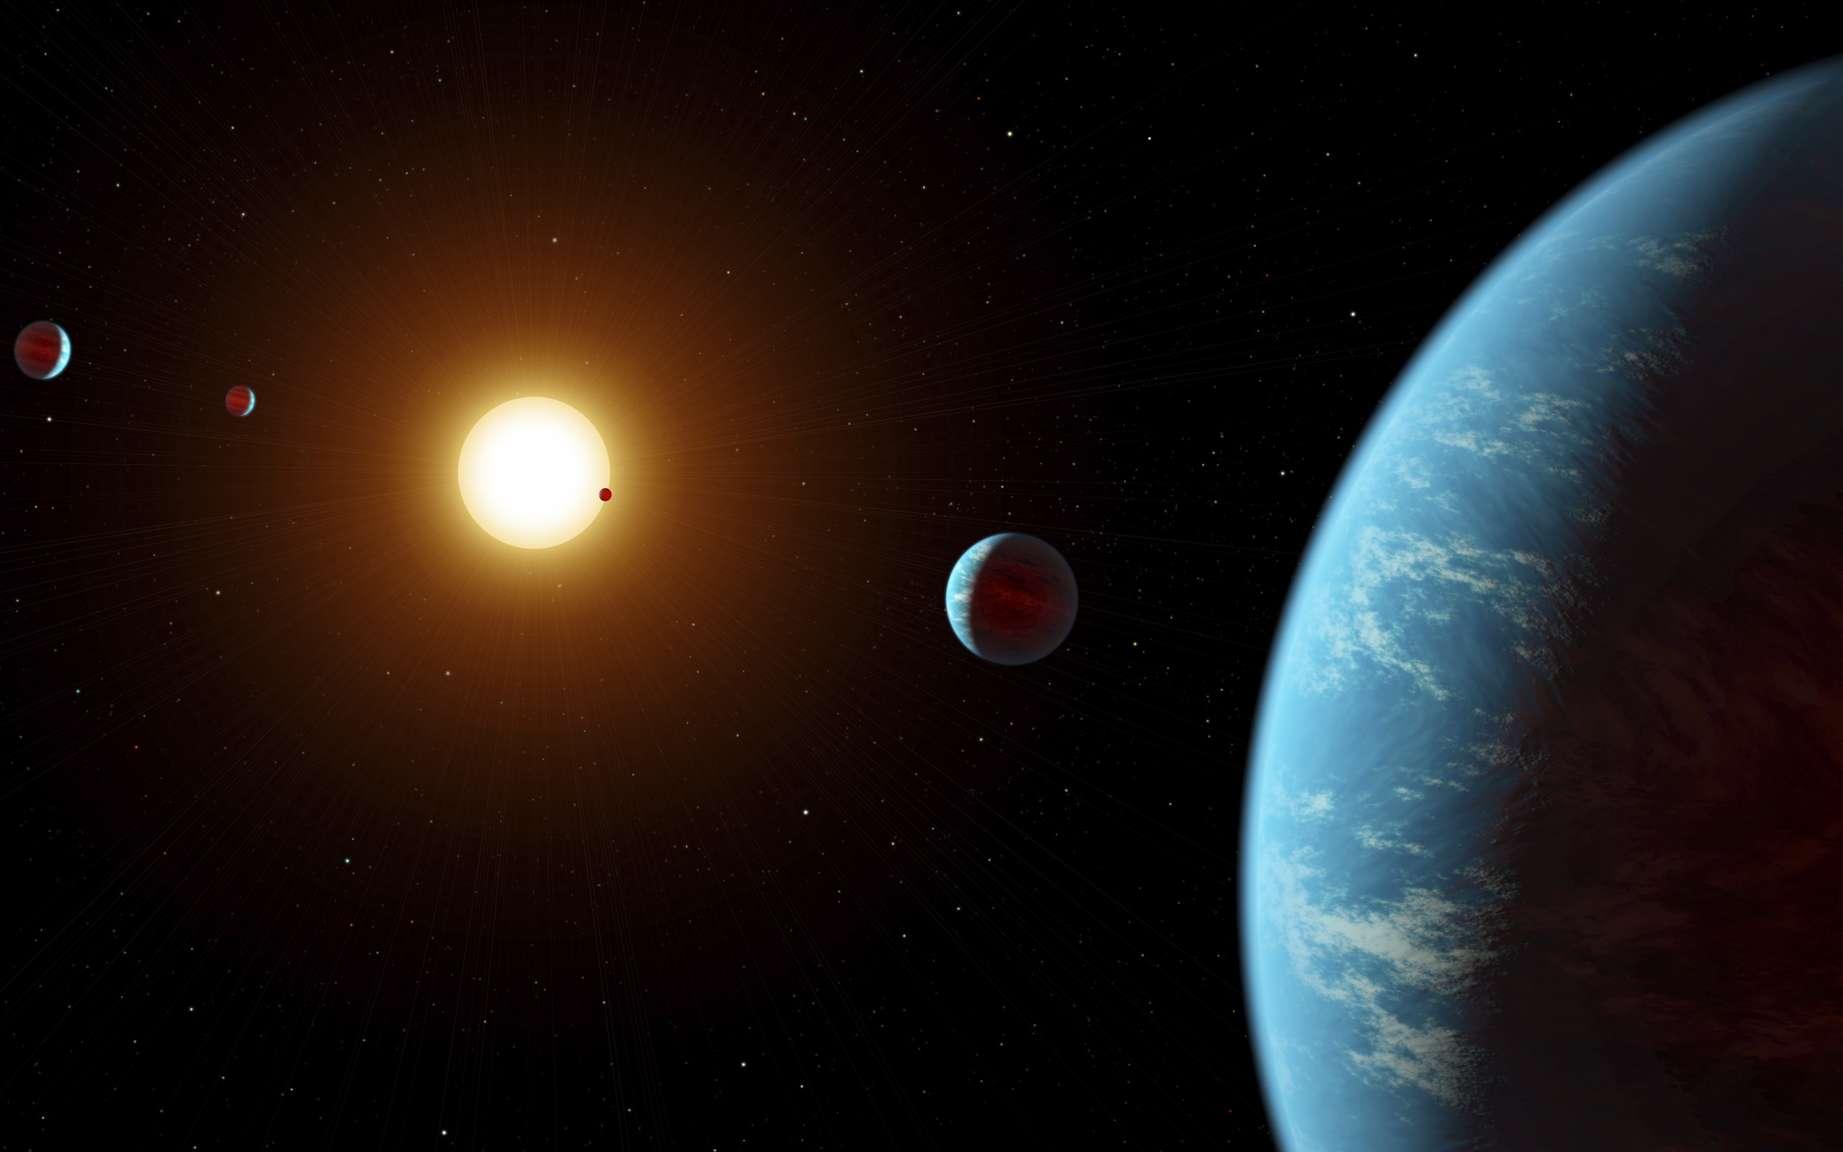 Vue d'artiste du système de K2-138. © JPL-Caltech, R. Hurt, IPAC